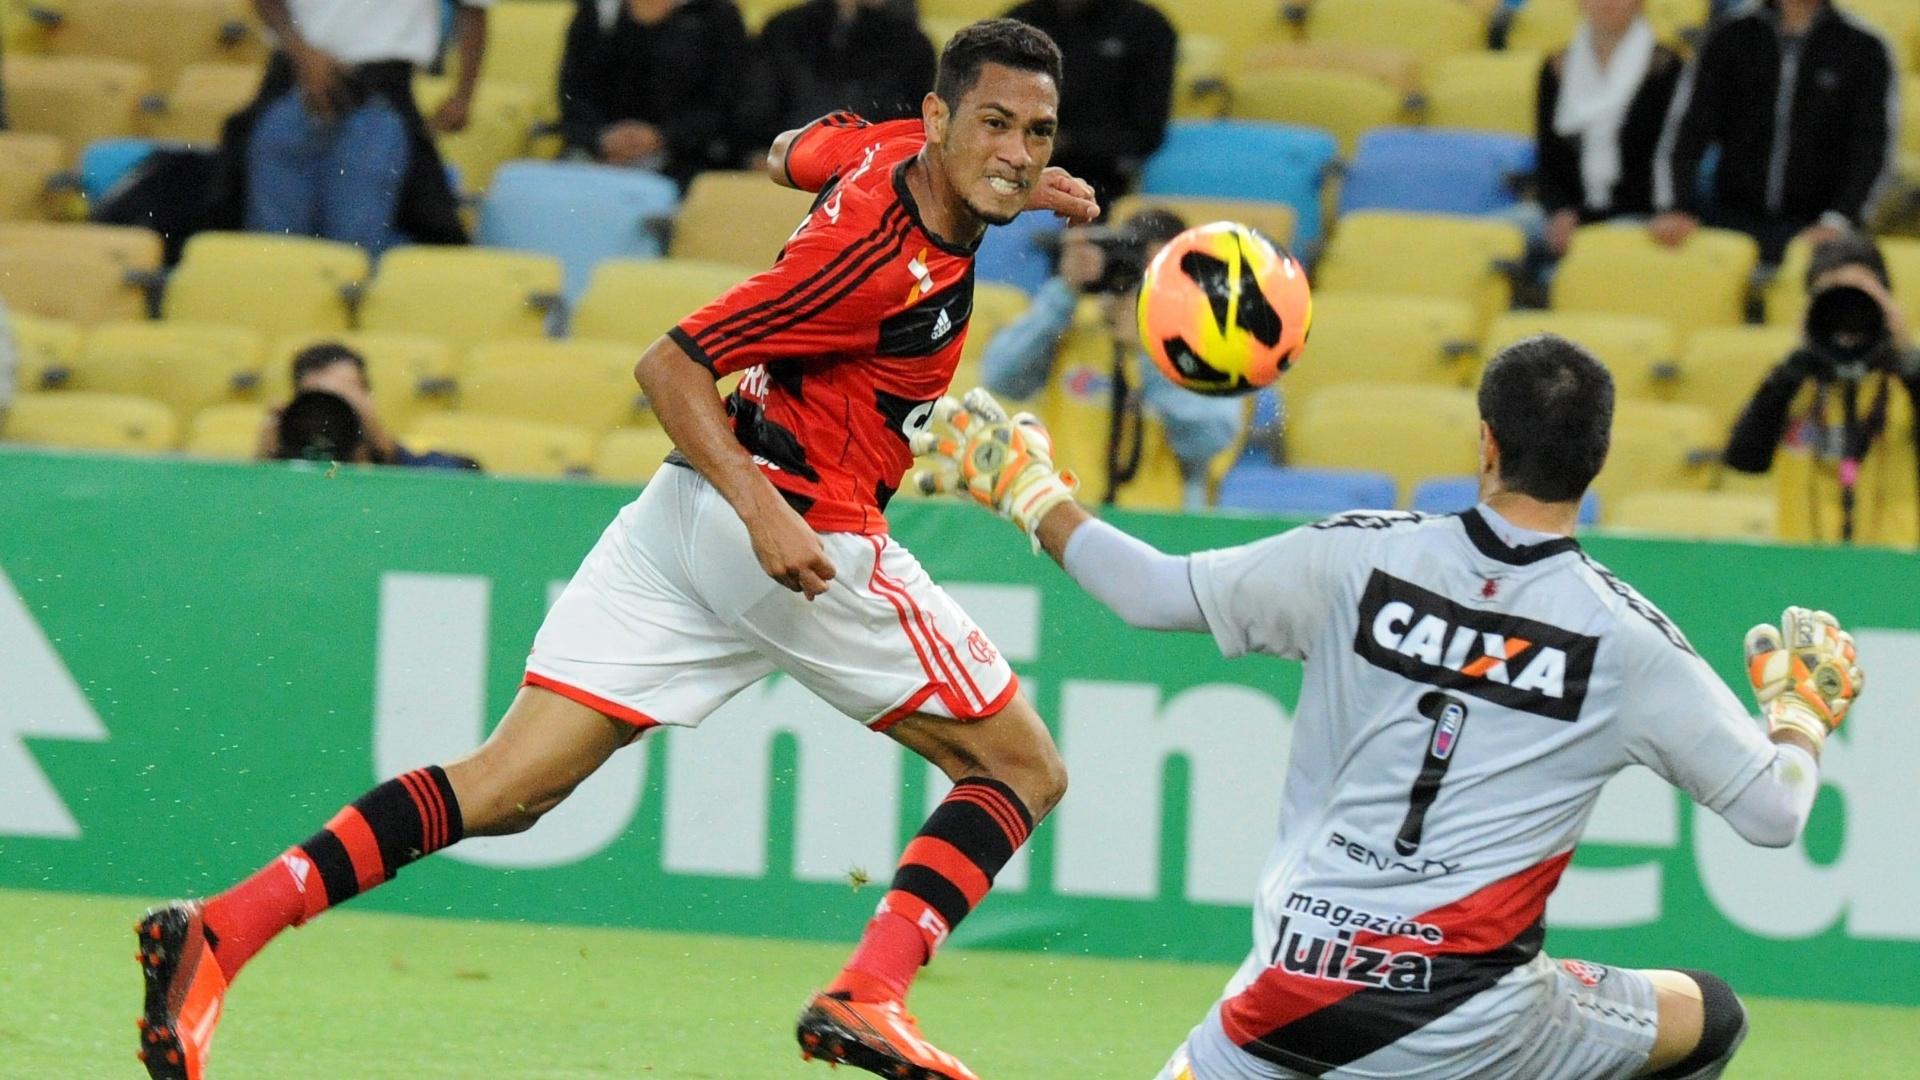 04.set.2013 - Hernane chuta para marcar o primeiro do Flamengo contra o Vitória